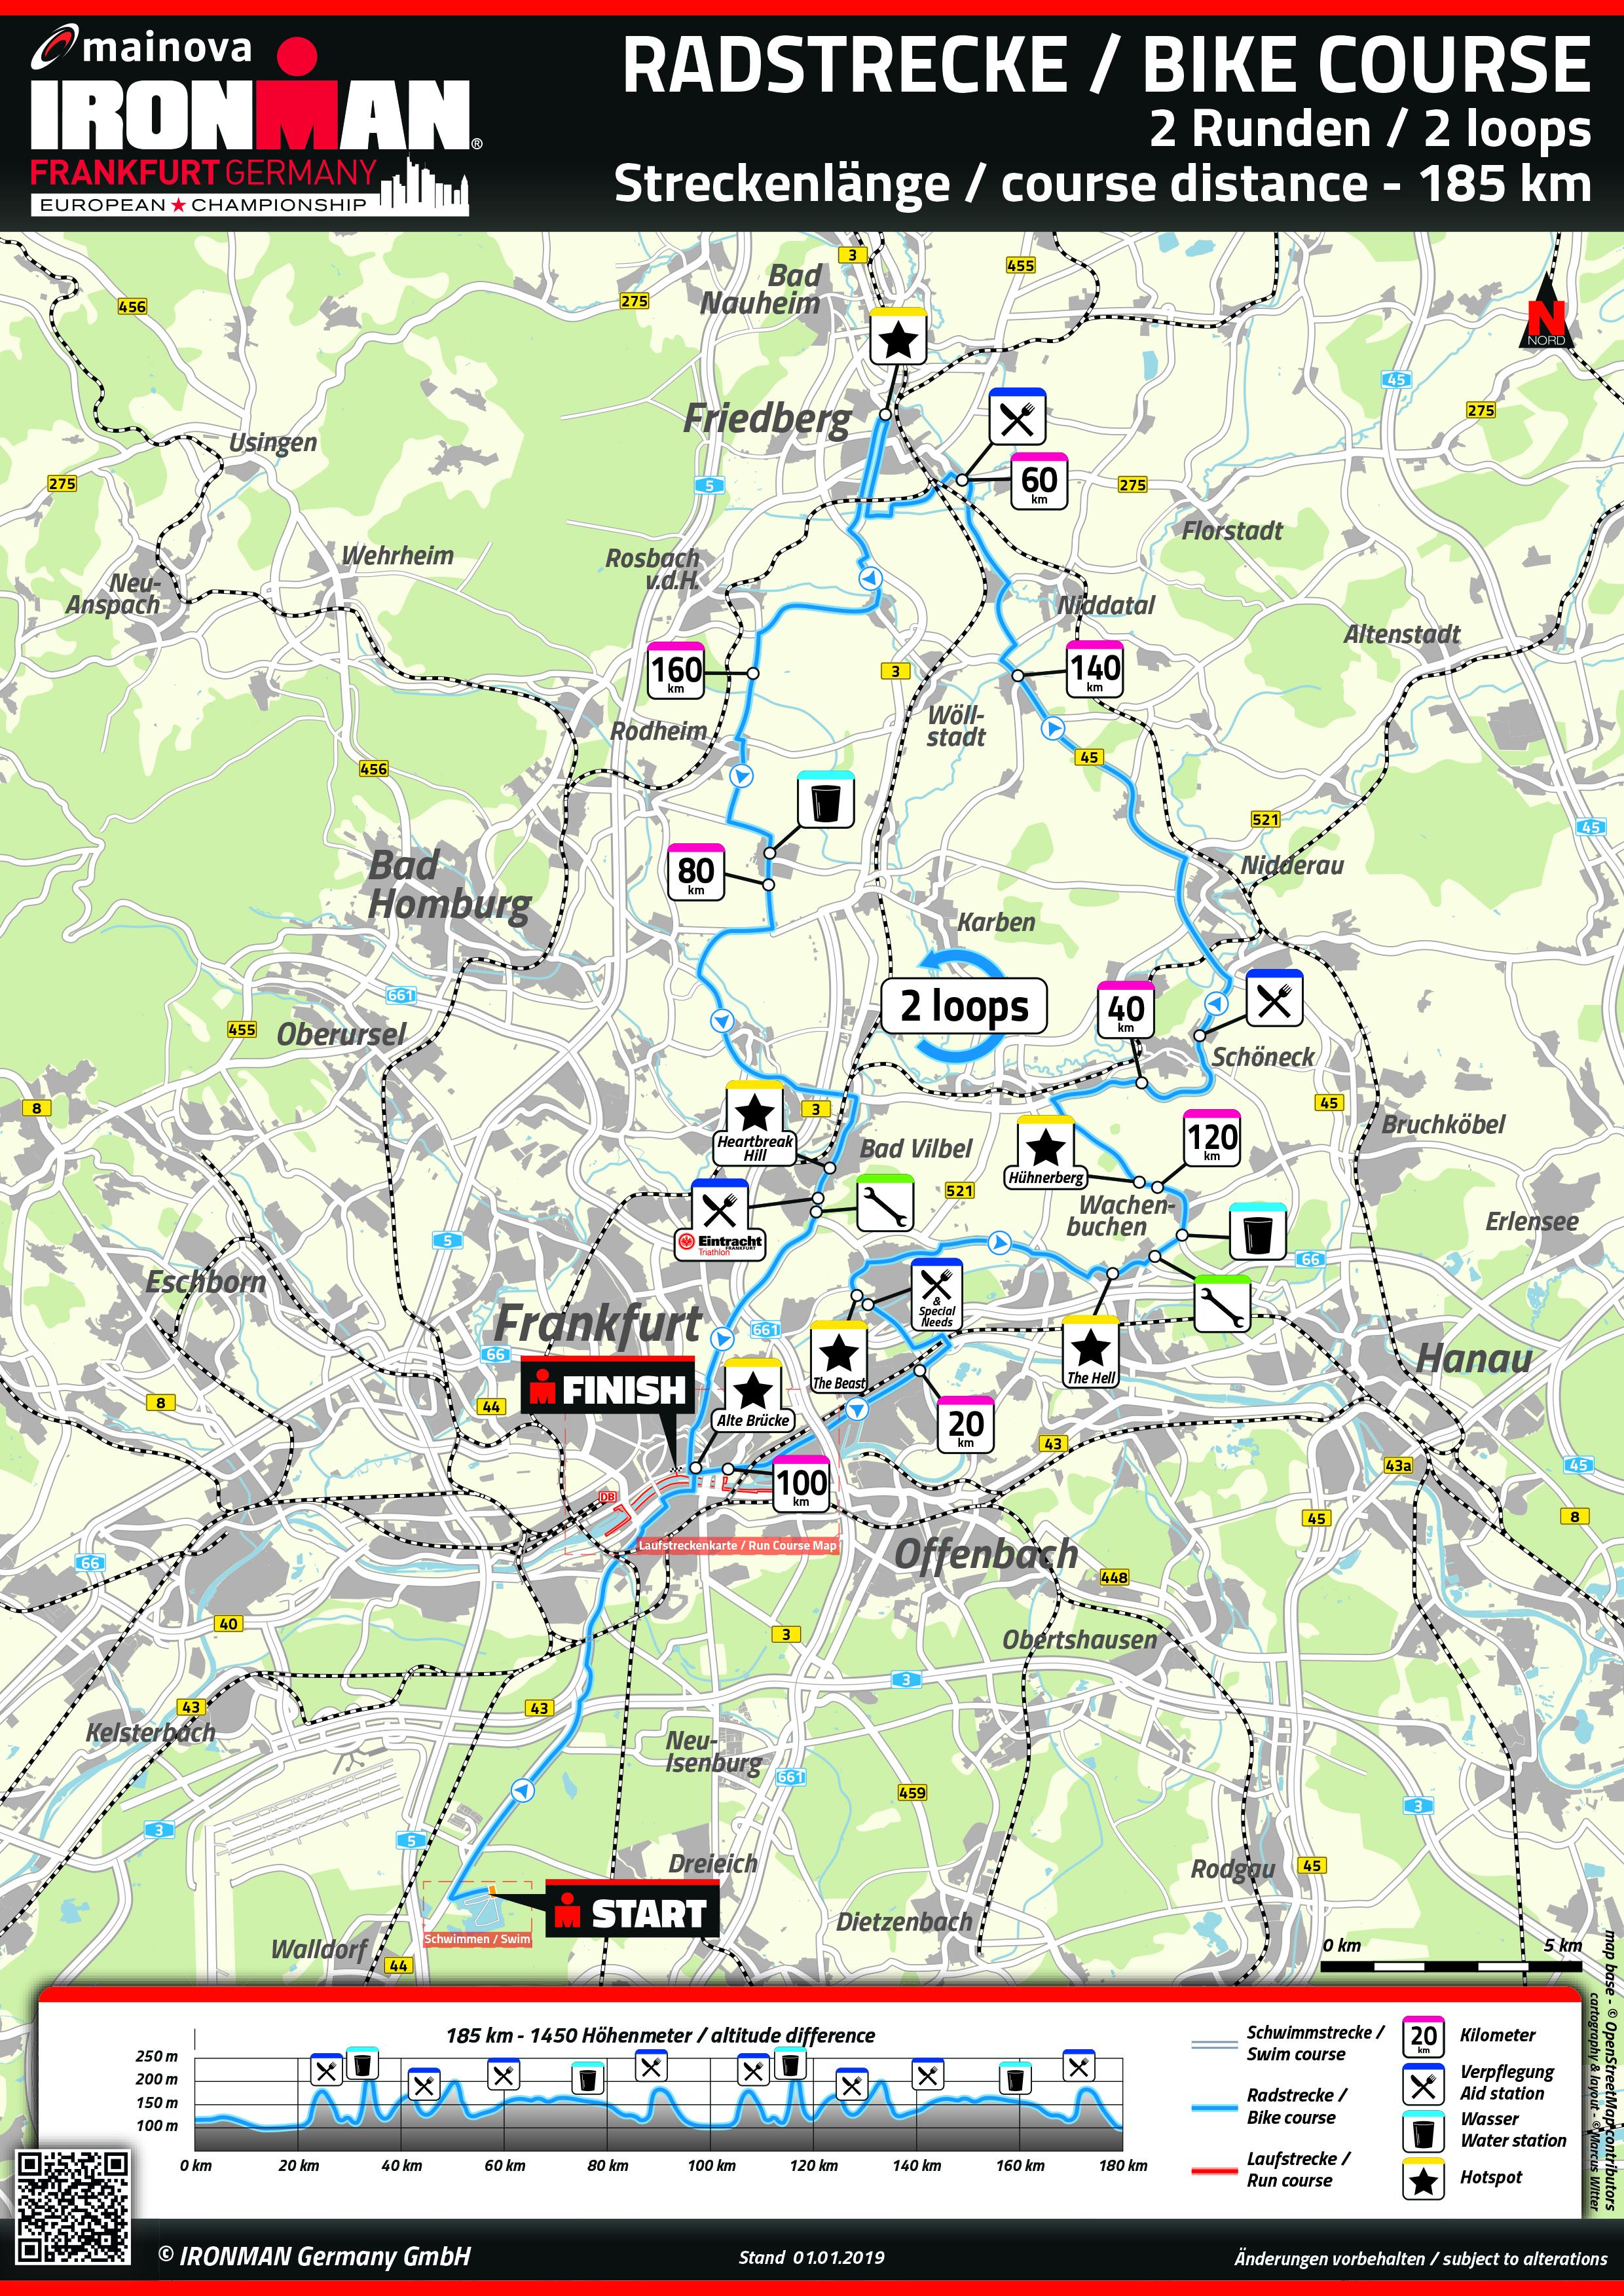 BIKEironman_frankfurt_bike (1).jpg